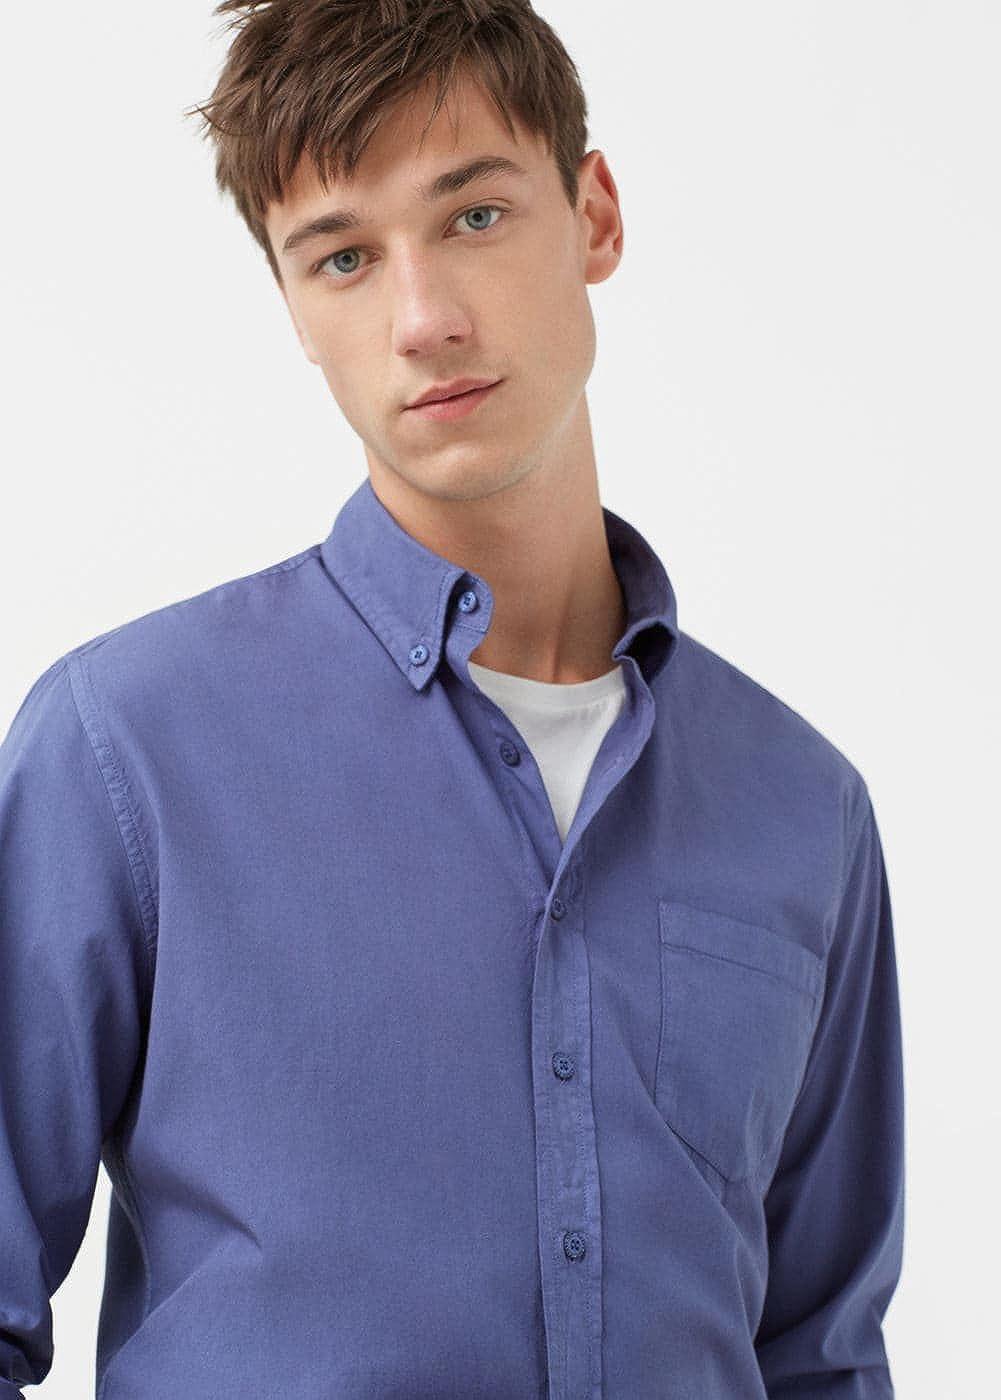 MANGO MAN - Camisa casual - para hombre azul indigo L: Amazon.es: Ropa y accesorios